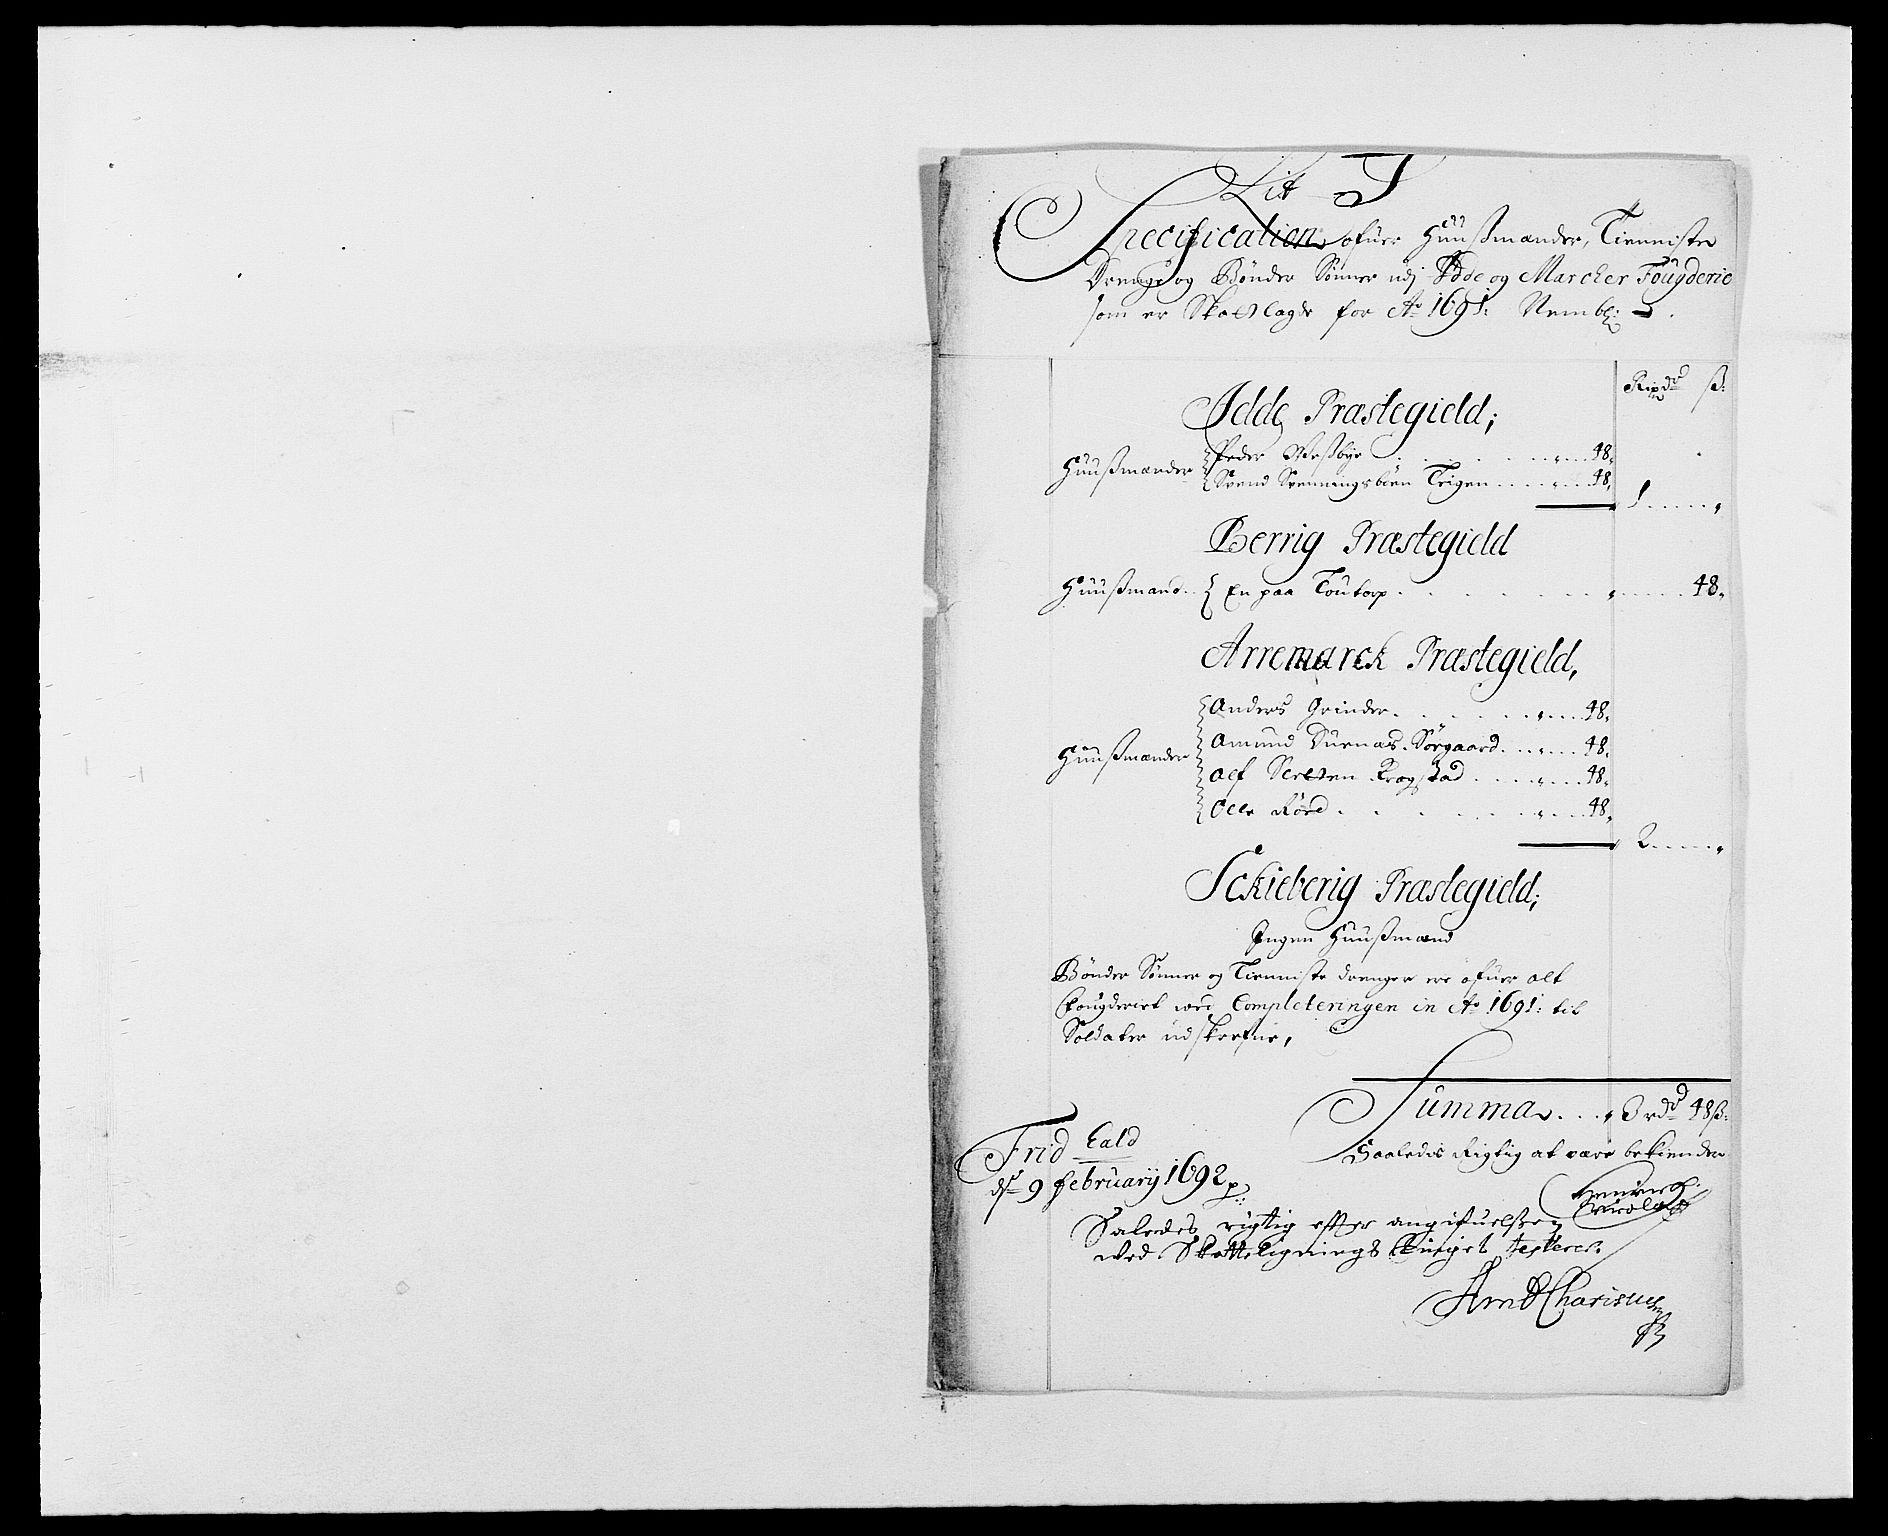 RA, Rentekammeret inntil 1814, Reviderte regnskaper, Fogderegnskap, R01/L0010: Fogderegnskap Idd og Marker, 1690-1691, s. 364